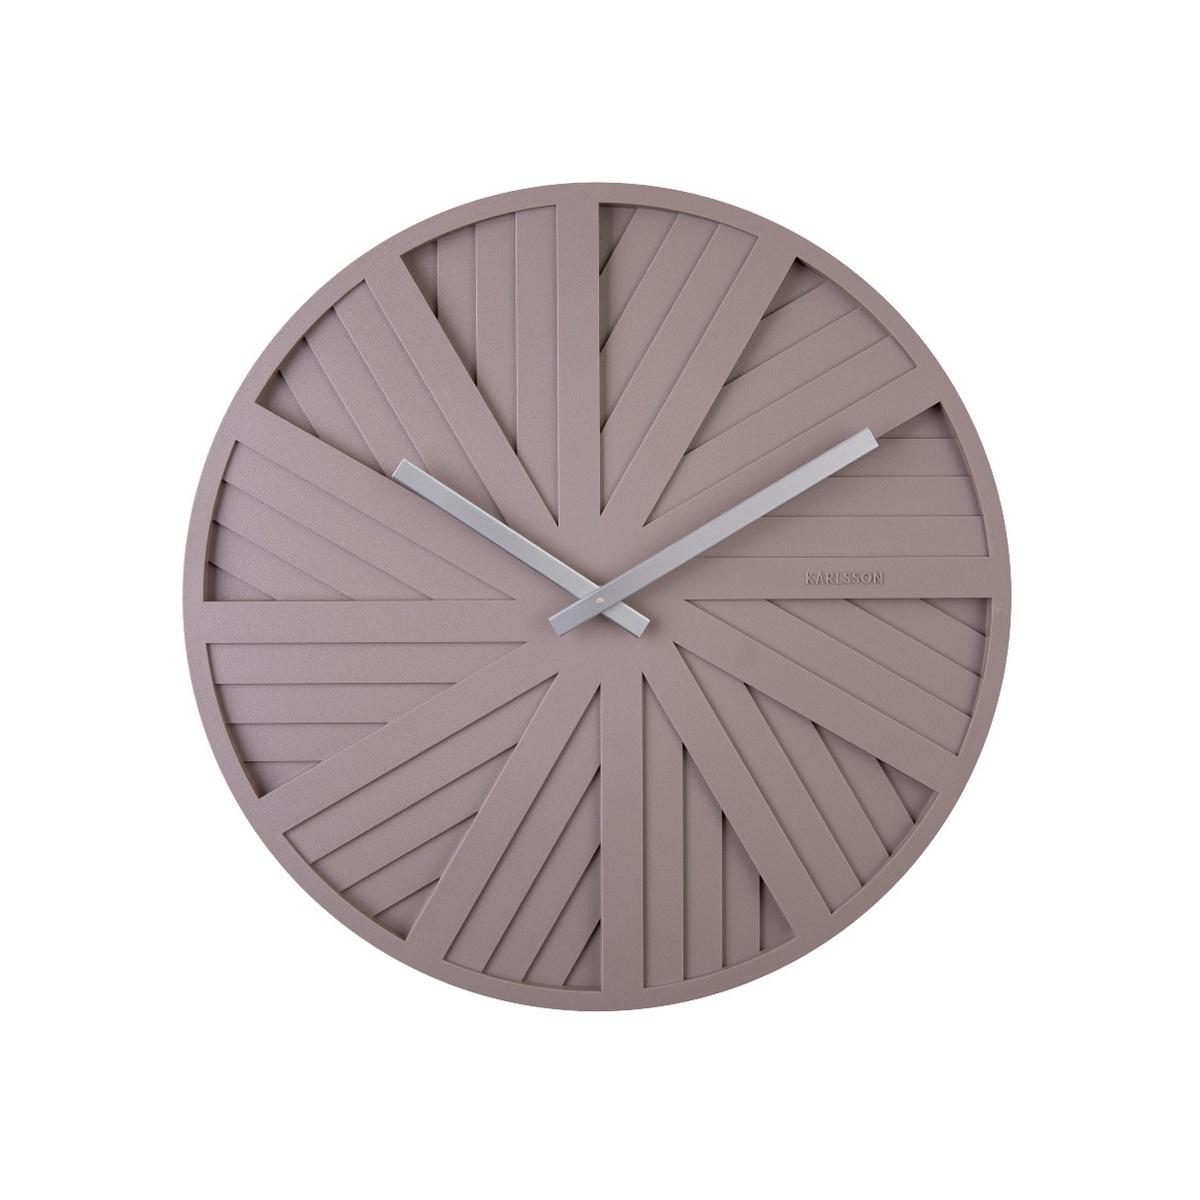 Karlsson Designové nástěnné hodiny KA5839GY